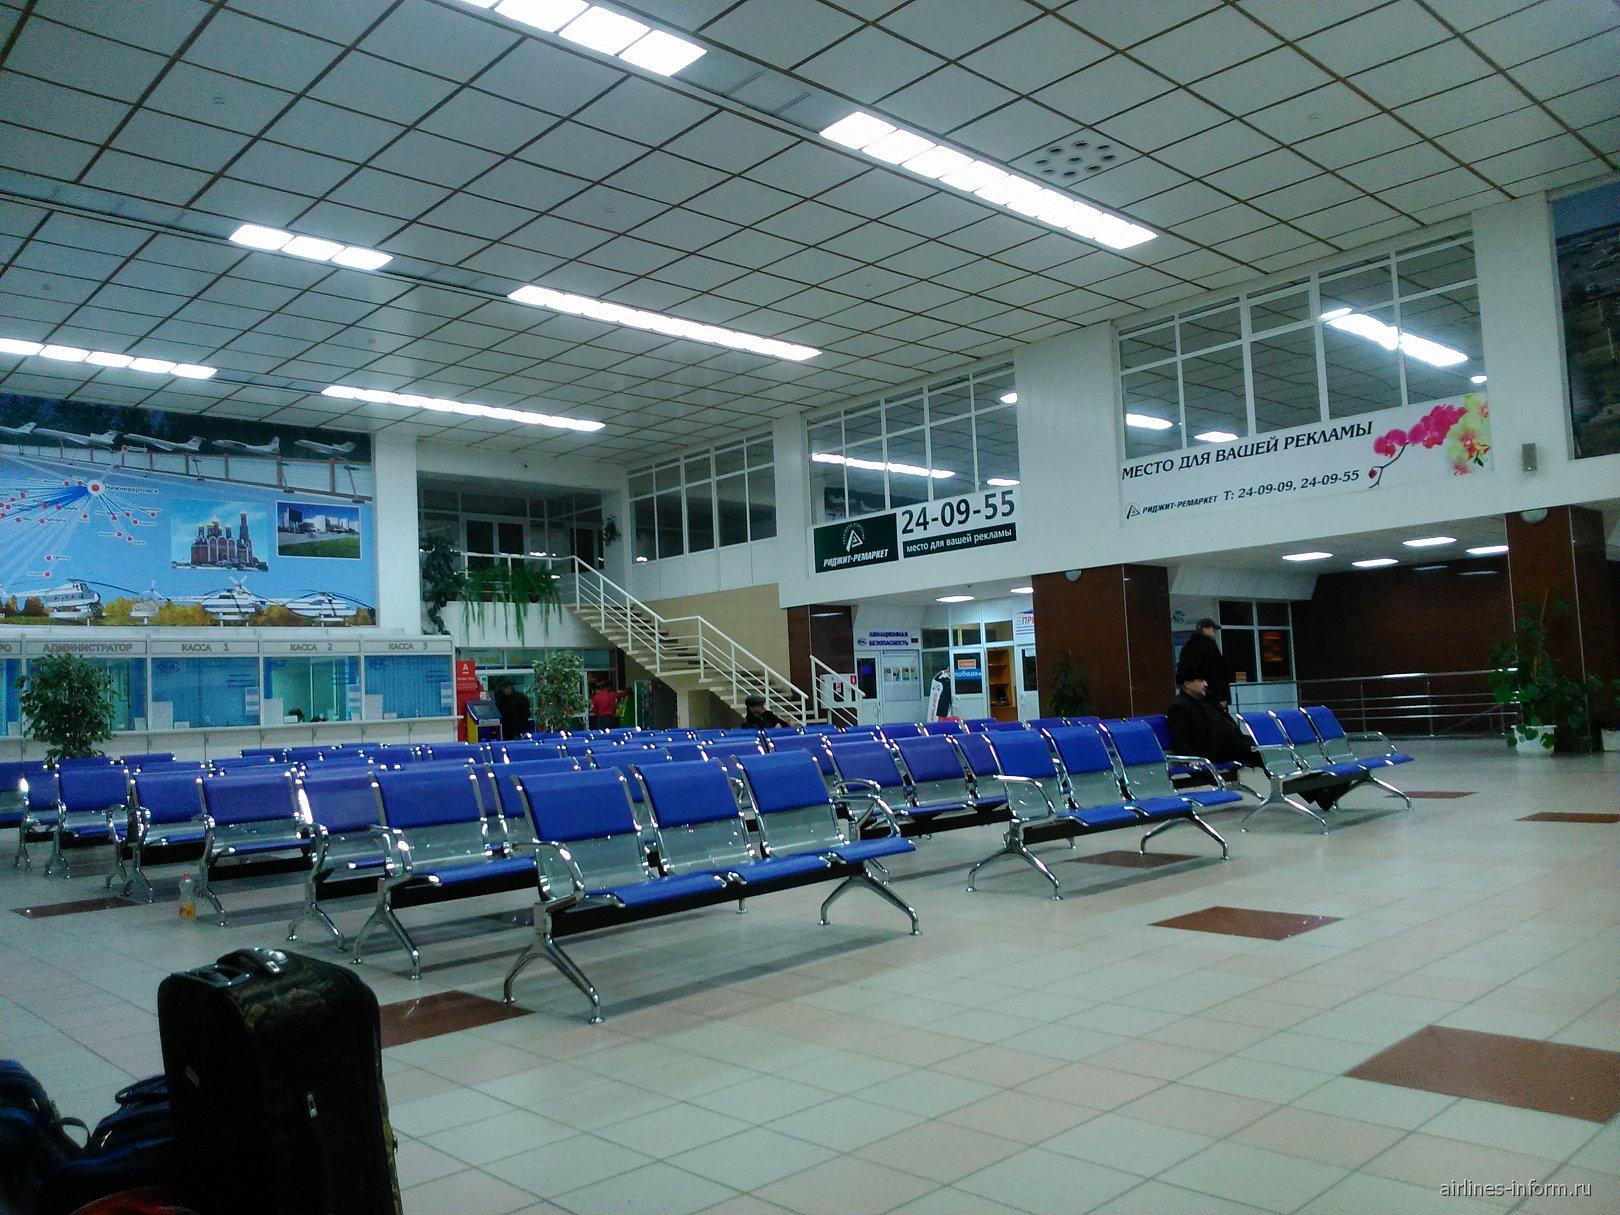 Зал ожидания в аэропорту Нижневартовск